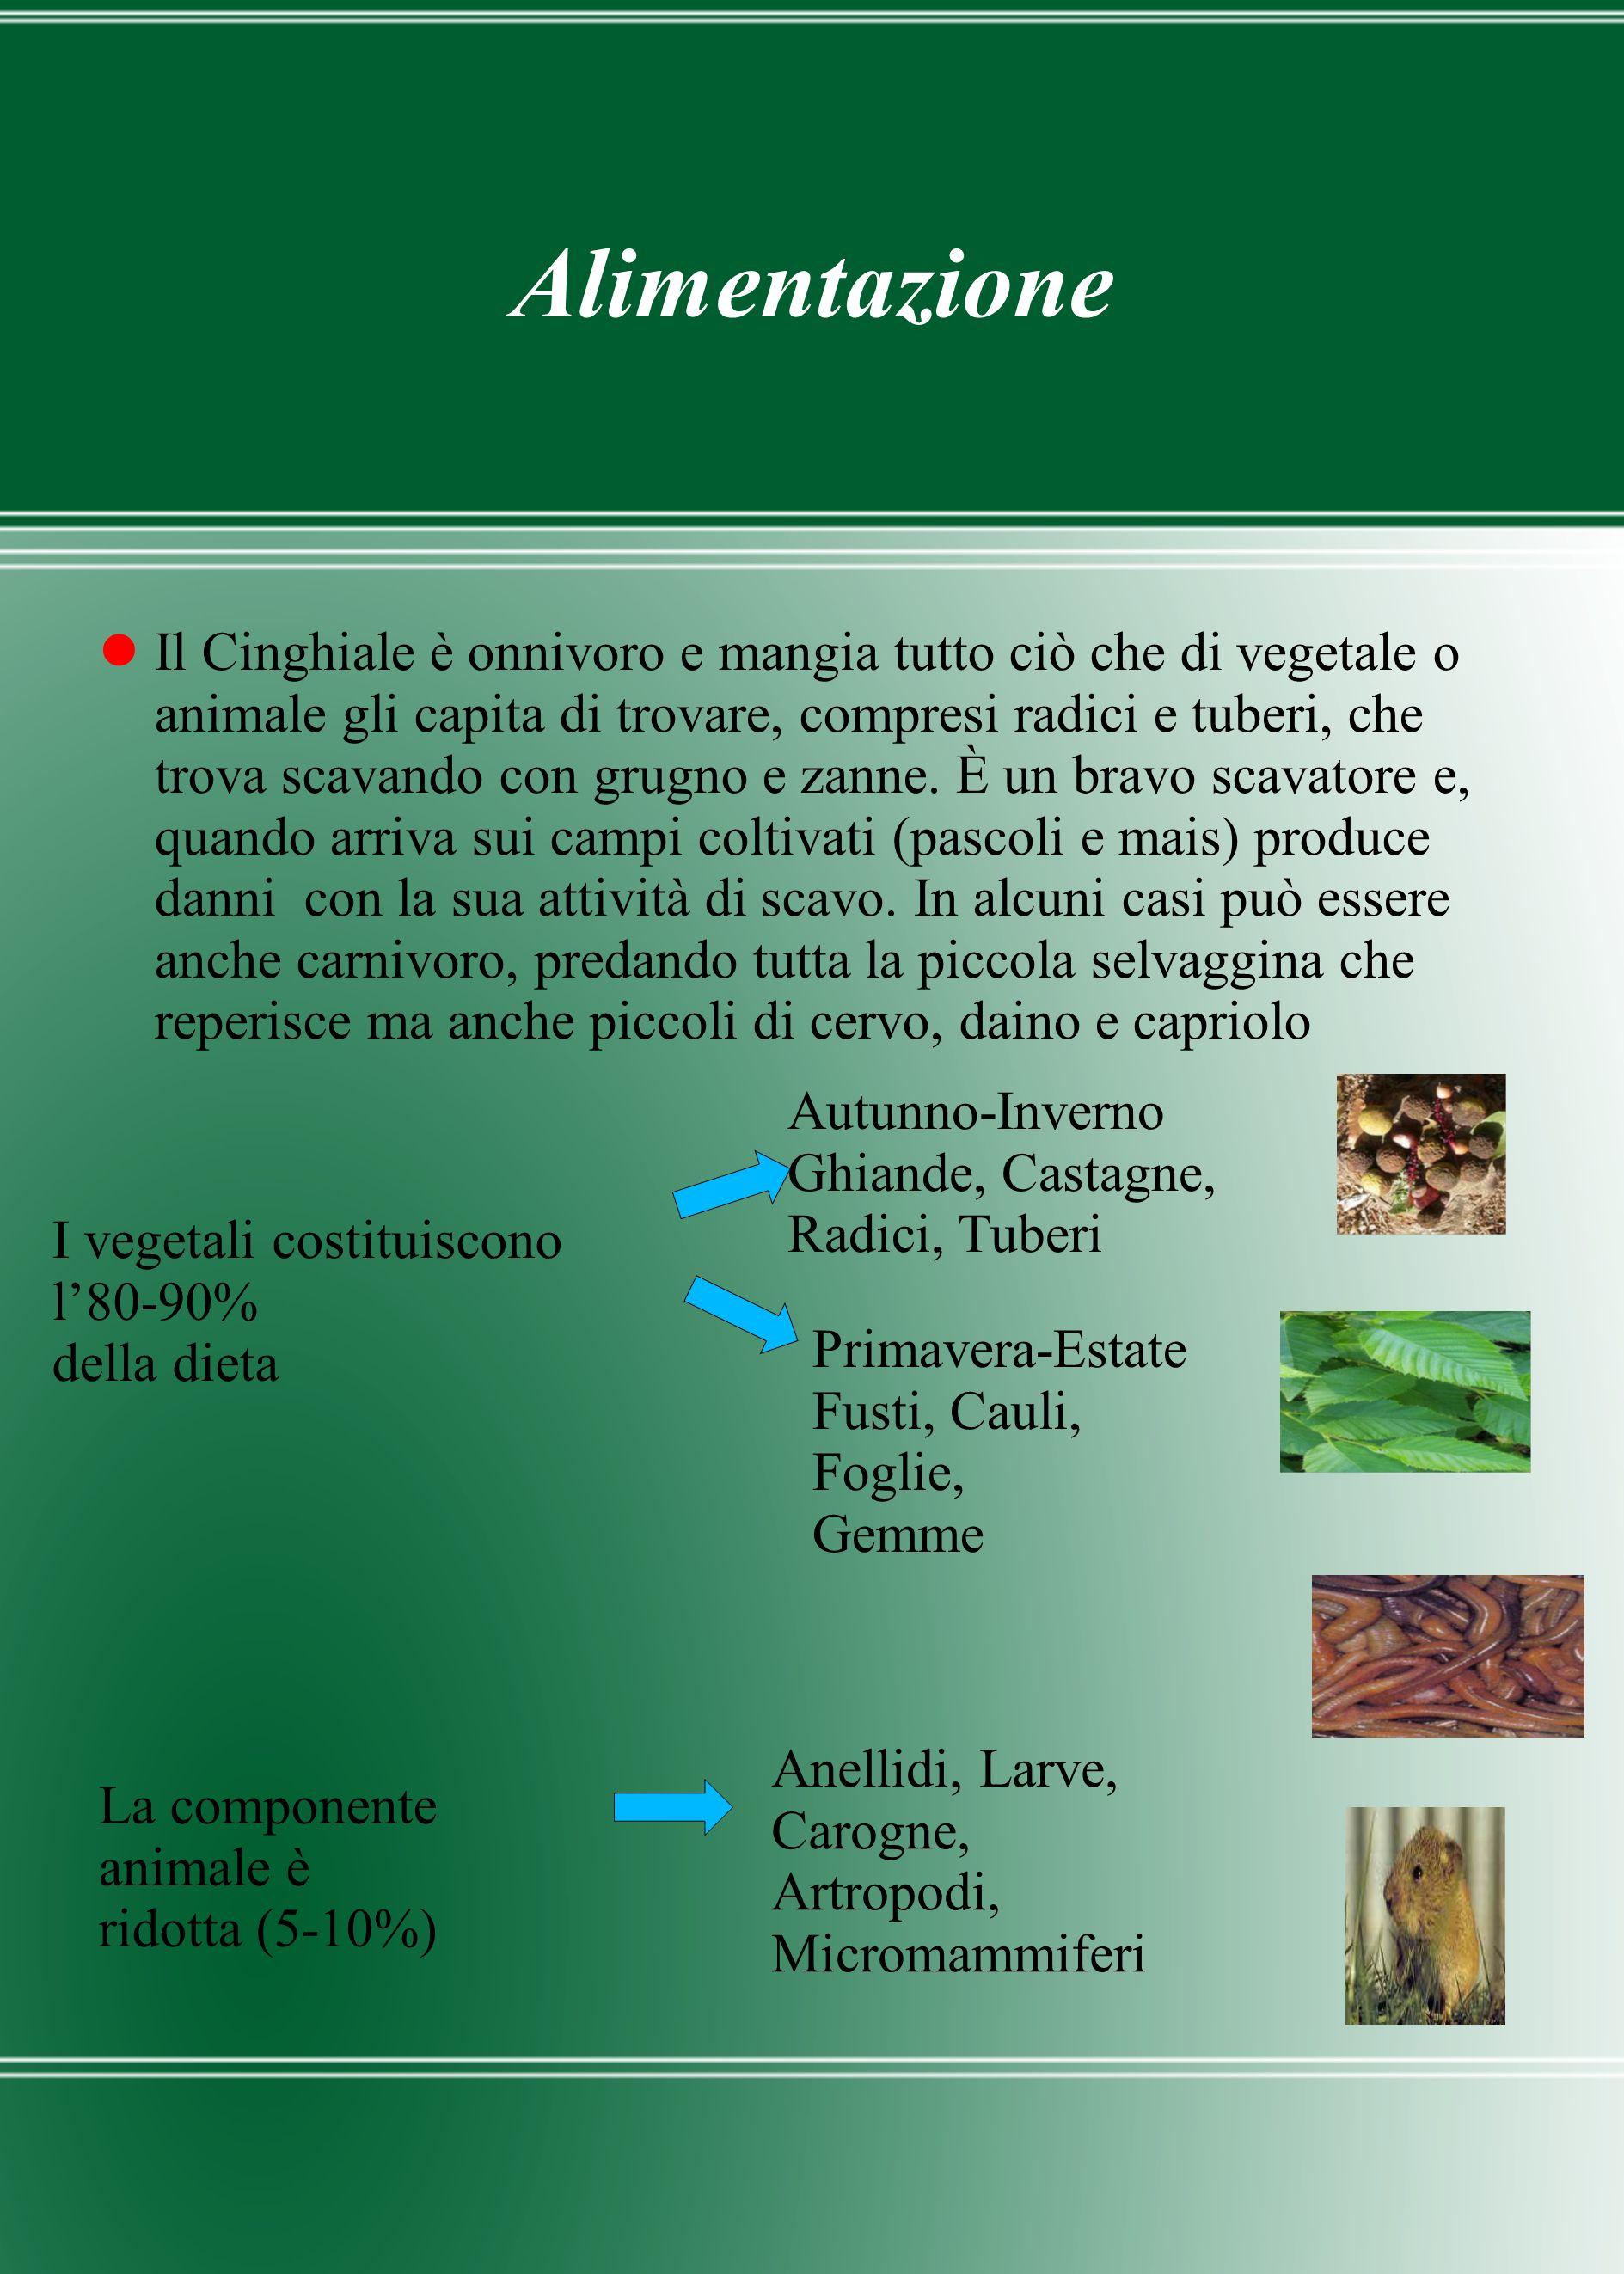 Alimentazione Il Cinghiale è onnivoro e mangia tutto ciò che di vegetale o animale gli capita di trovare, compresi radici e tuberi, che trova scavando